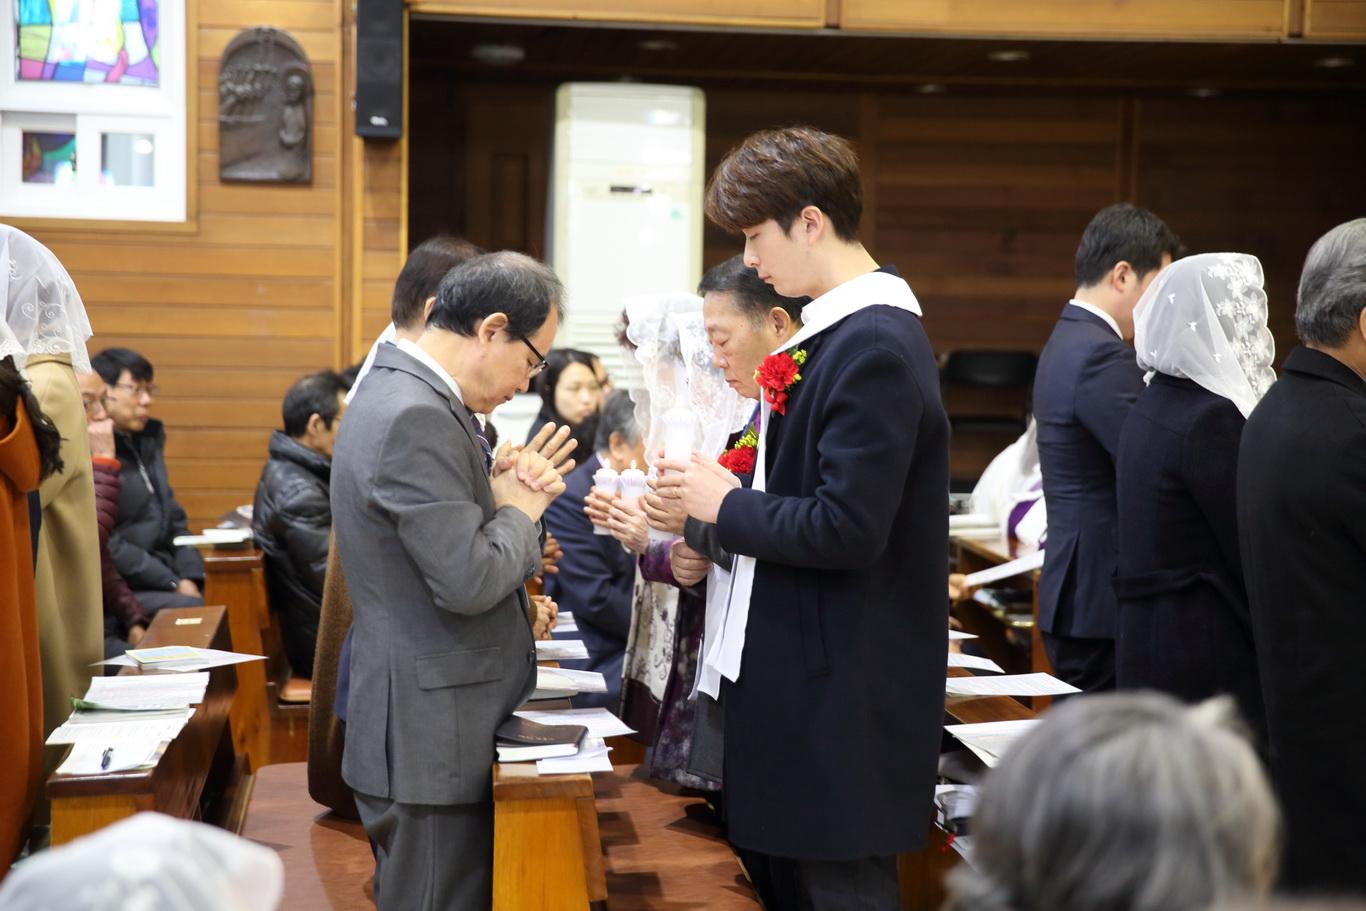 2019-12-15 세례식 (048)_크기변경.JPG